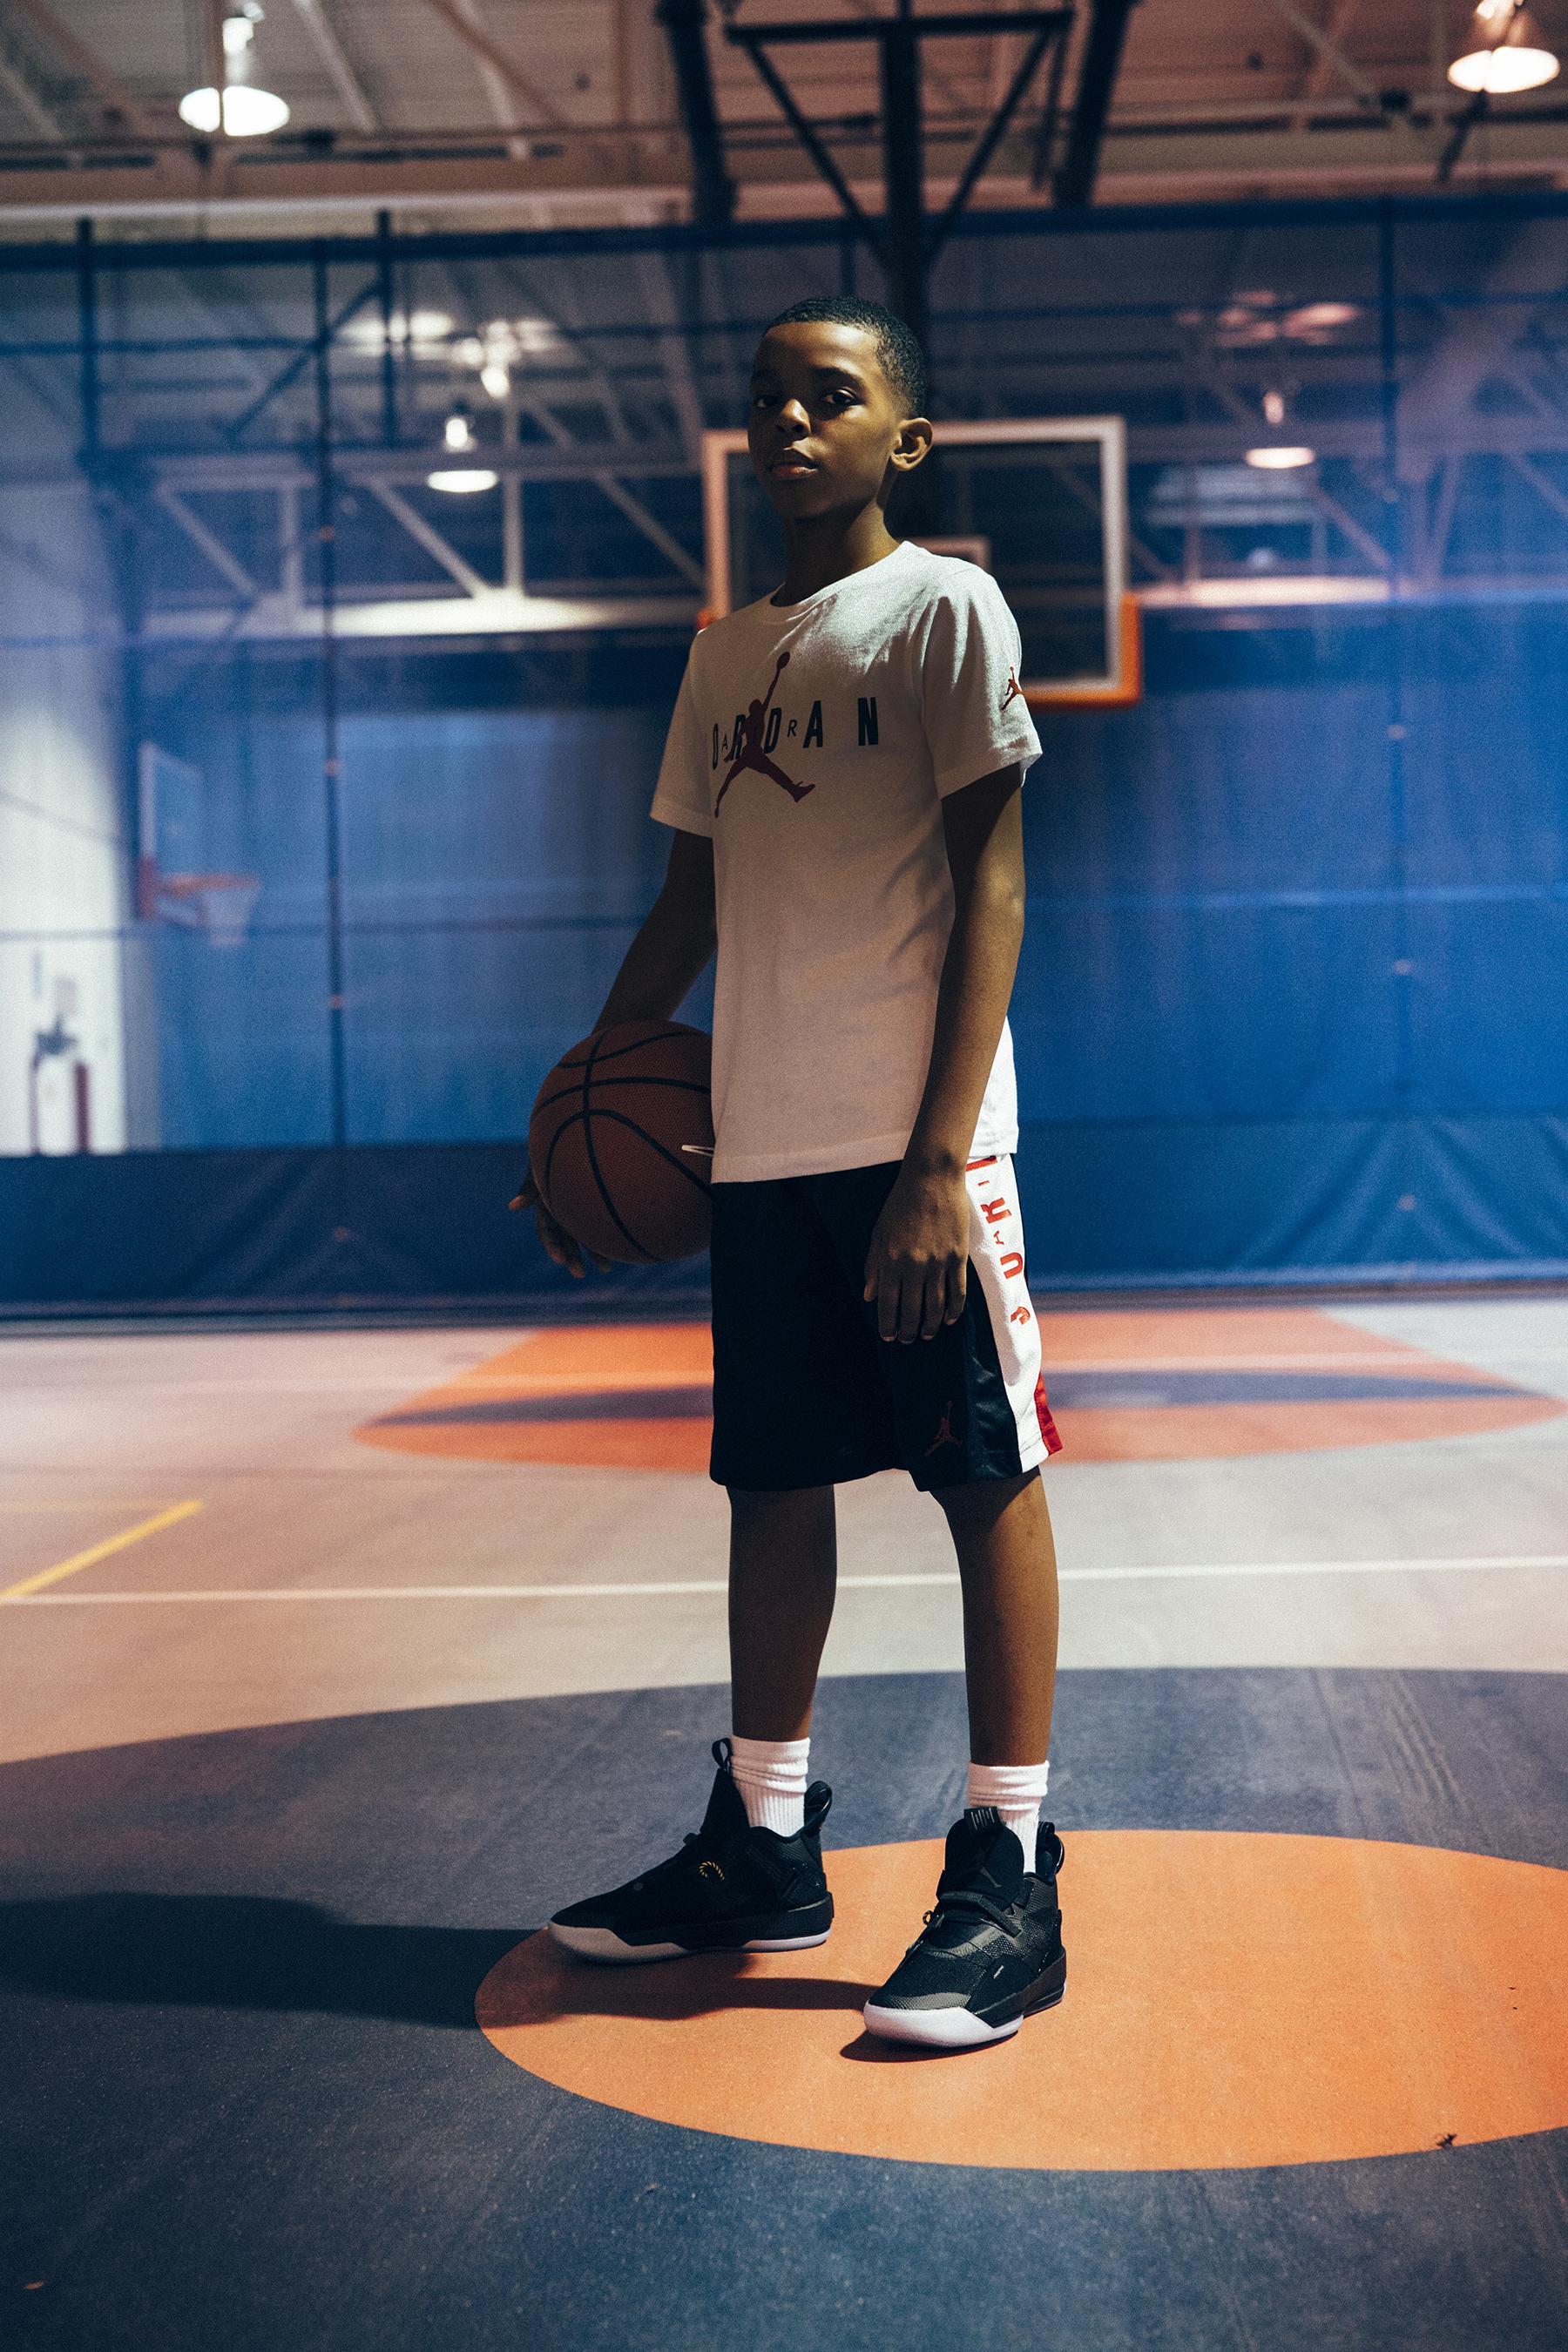 JJackson_Basketball_Alone_12662-B.jpg